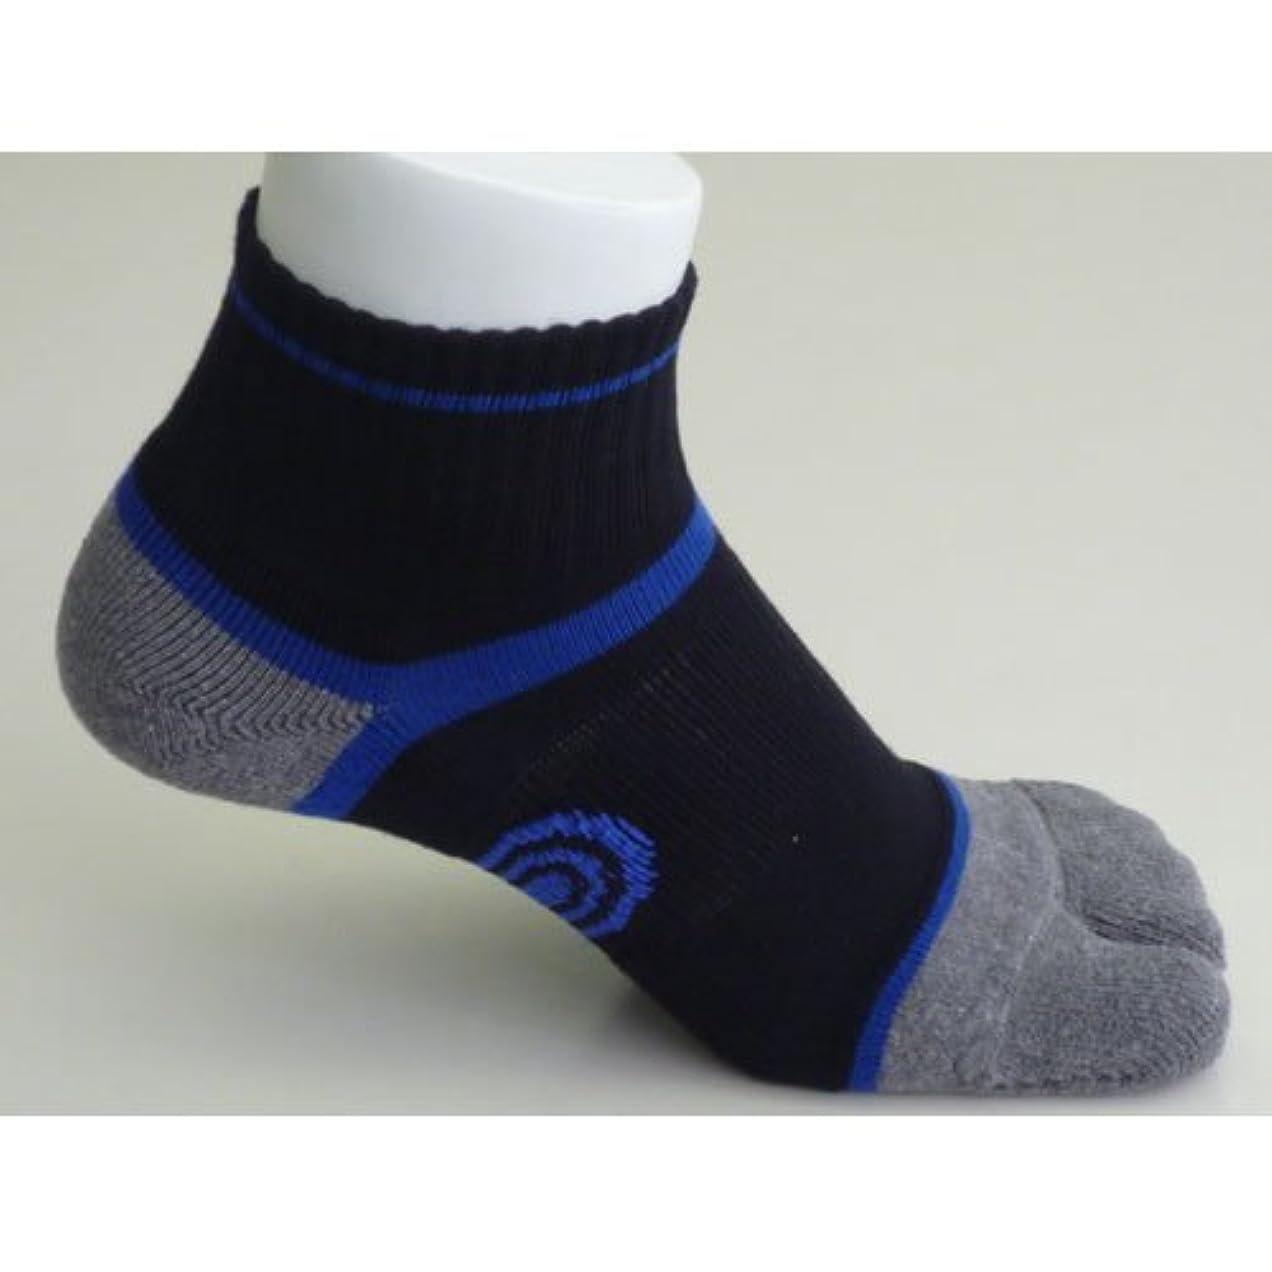 合併専らクランプ草鞋ソックス M(25-27cm)ブルー 【わらじソックス】【炭の靴下】【足袋型】